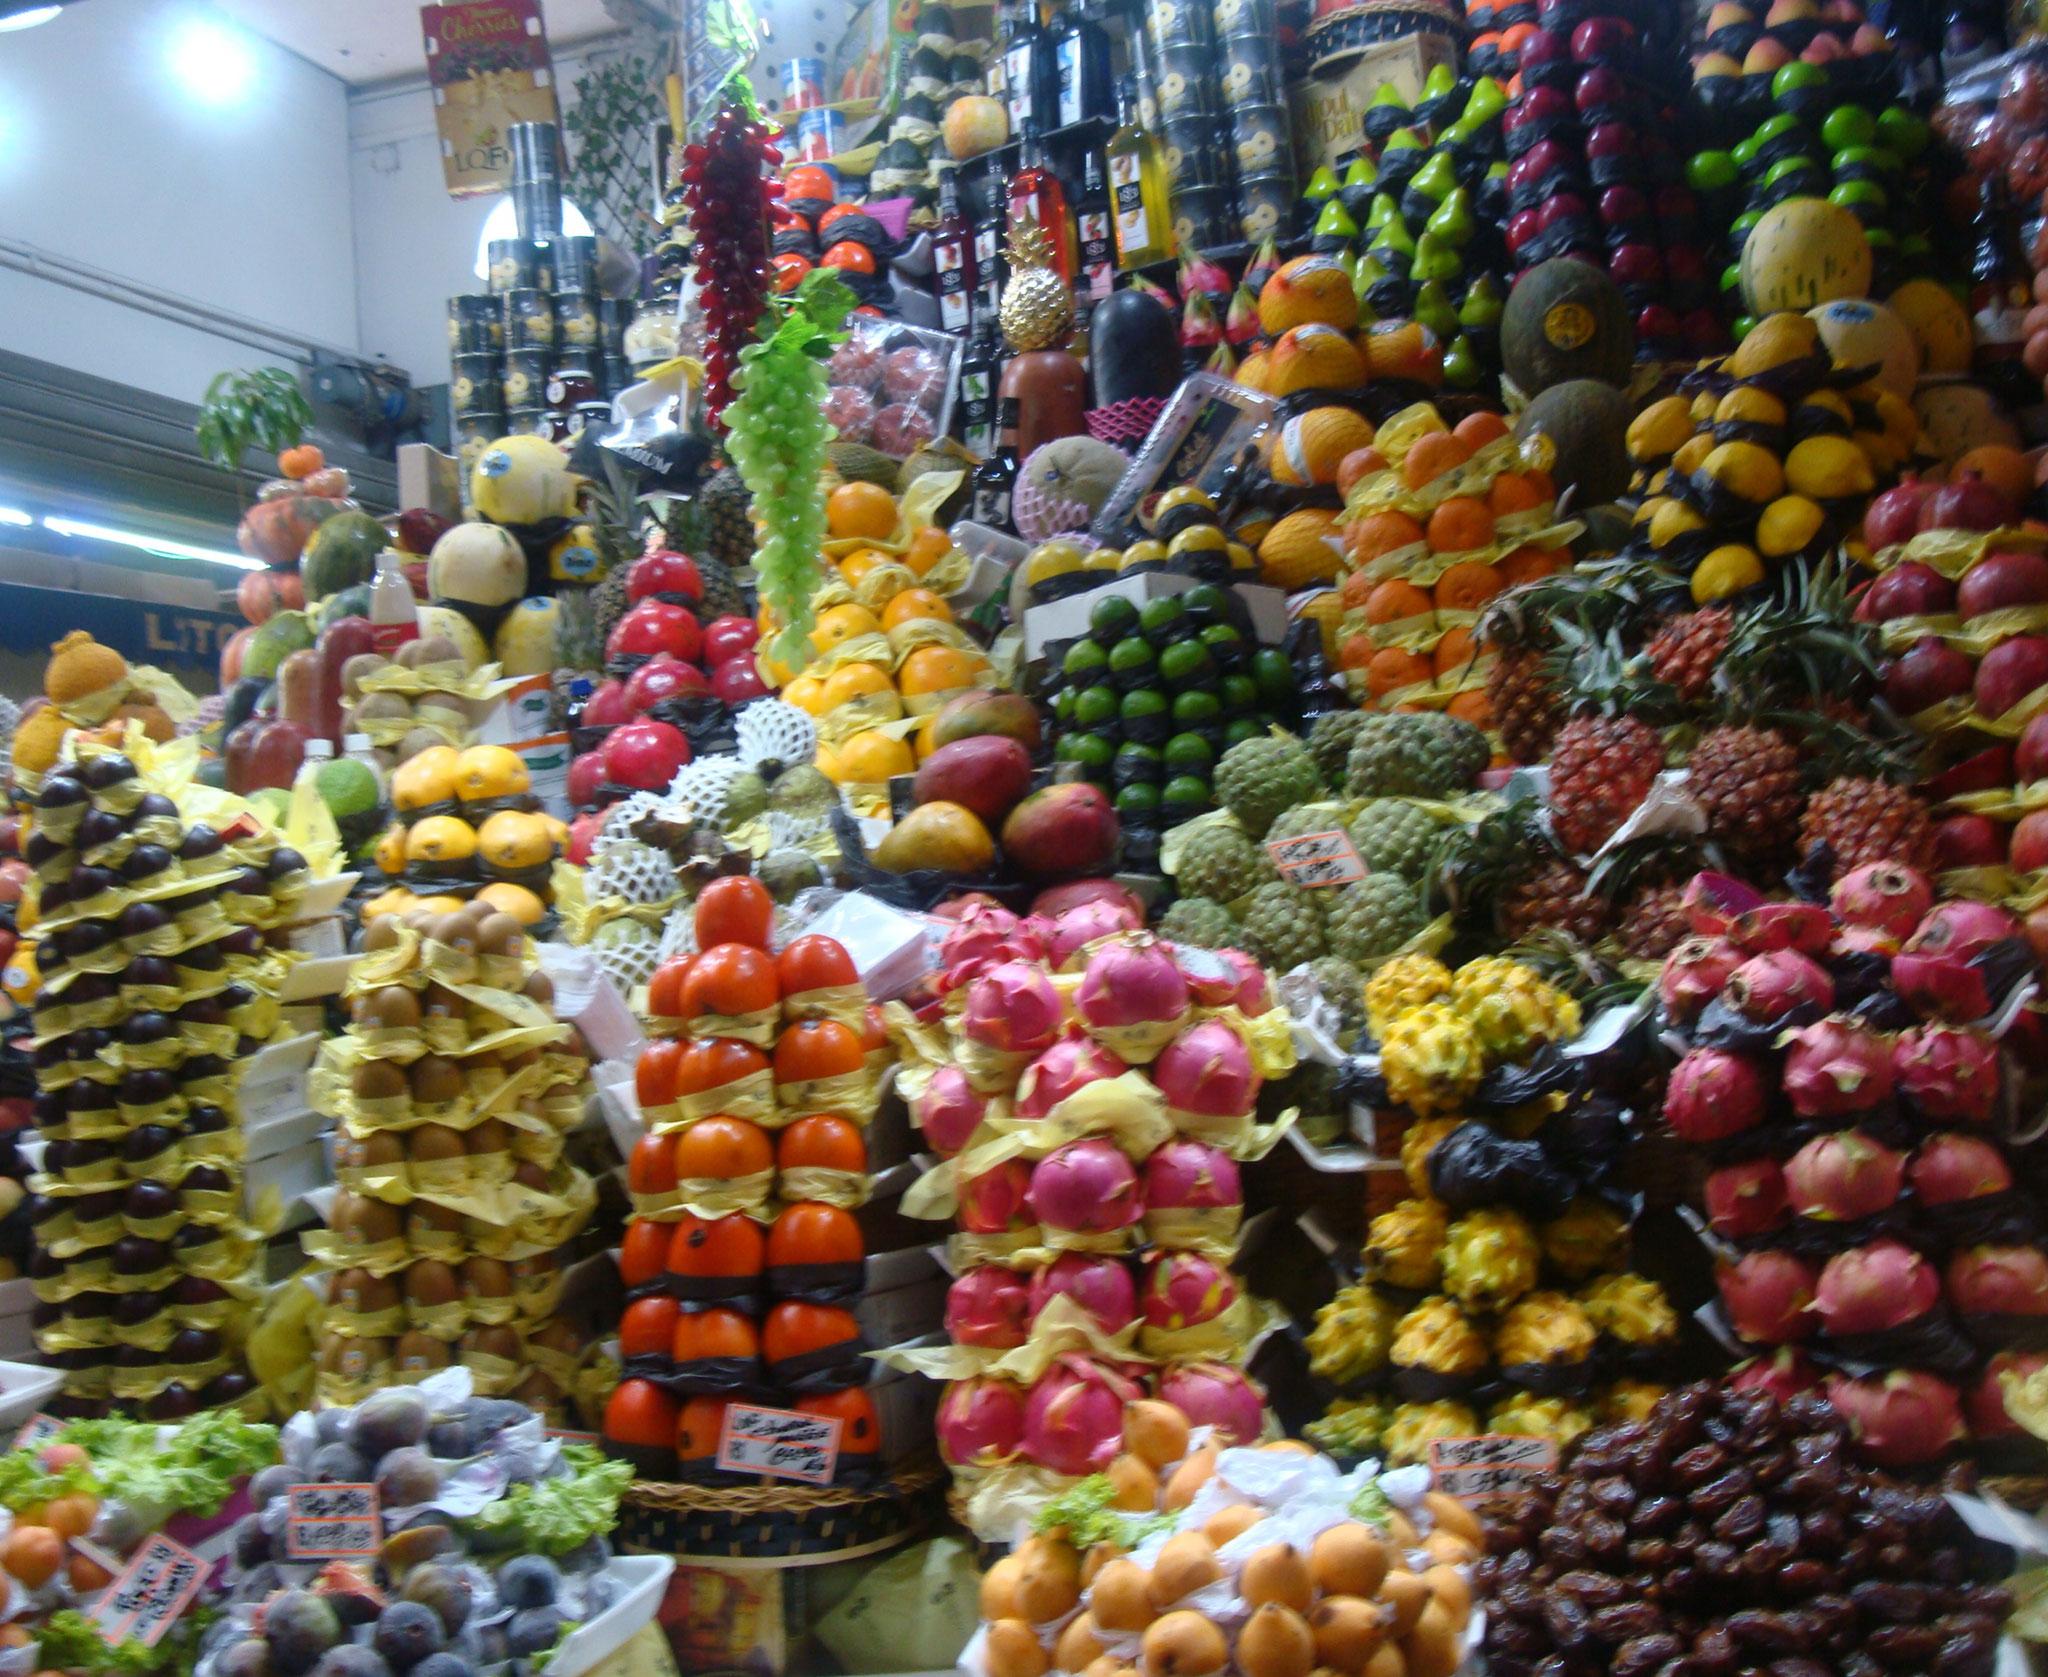 相変わらず芸術的な果物屋の店先ーサンパウロ市場にて